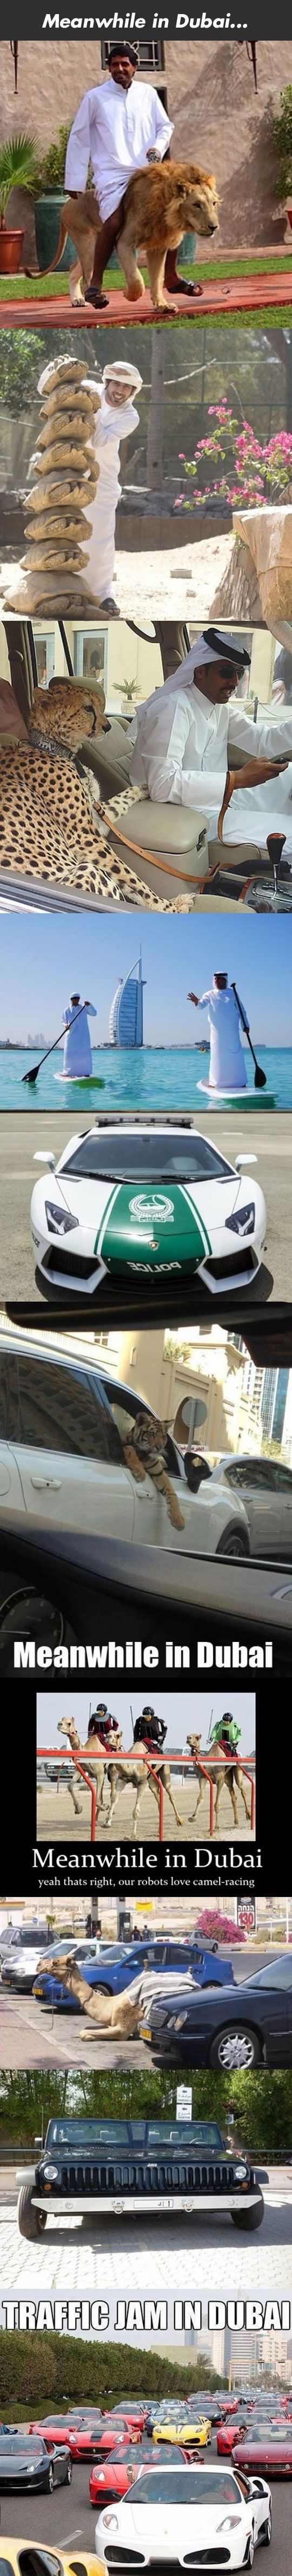 Funny Meanshile in Dubai